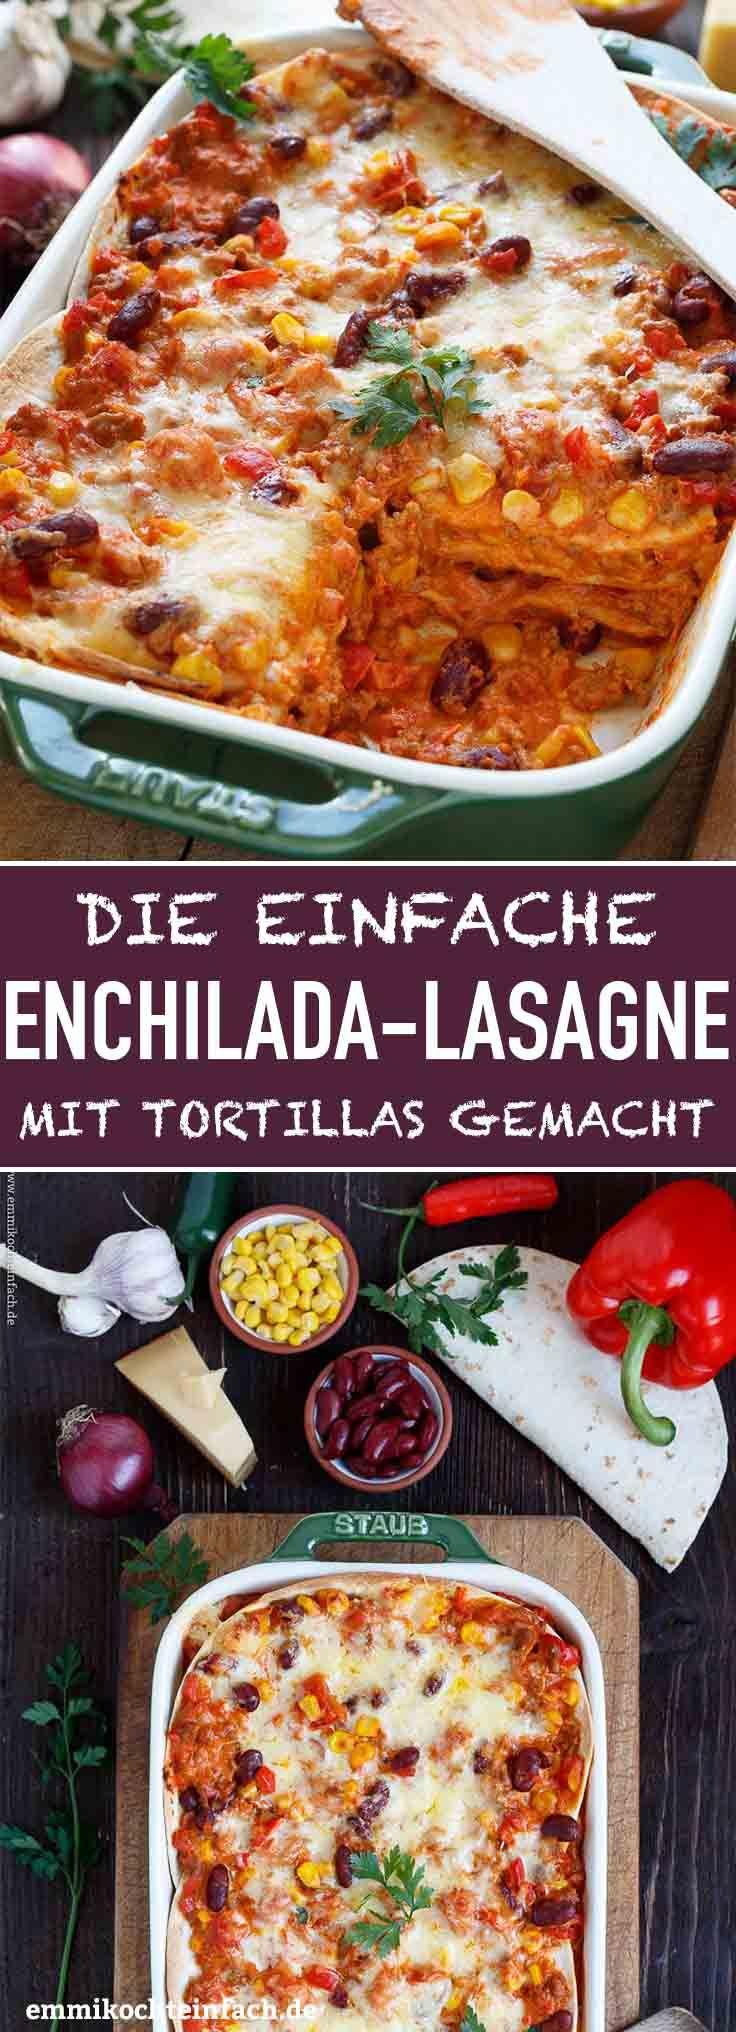 Mexikanische Enchilada Lasagne - emmikochteinfach